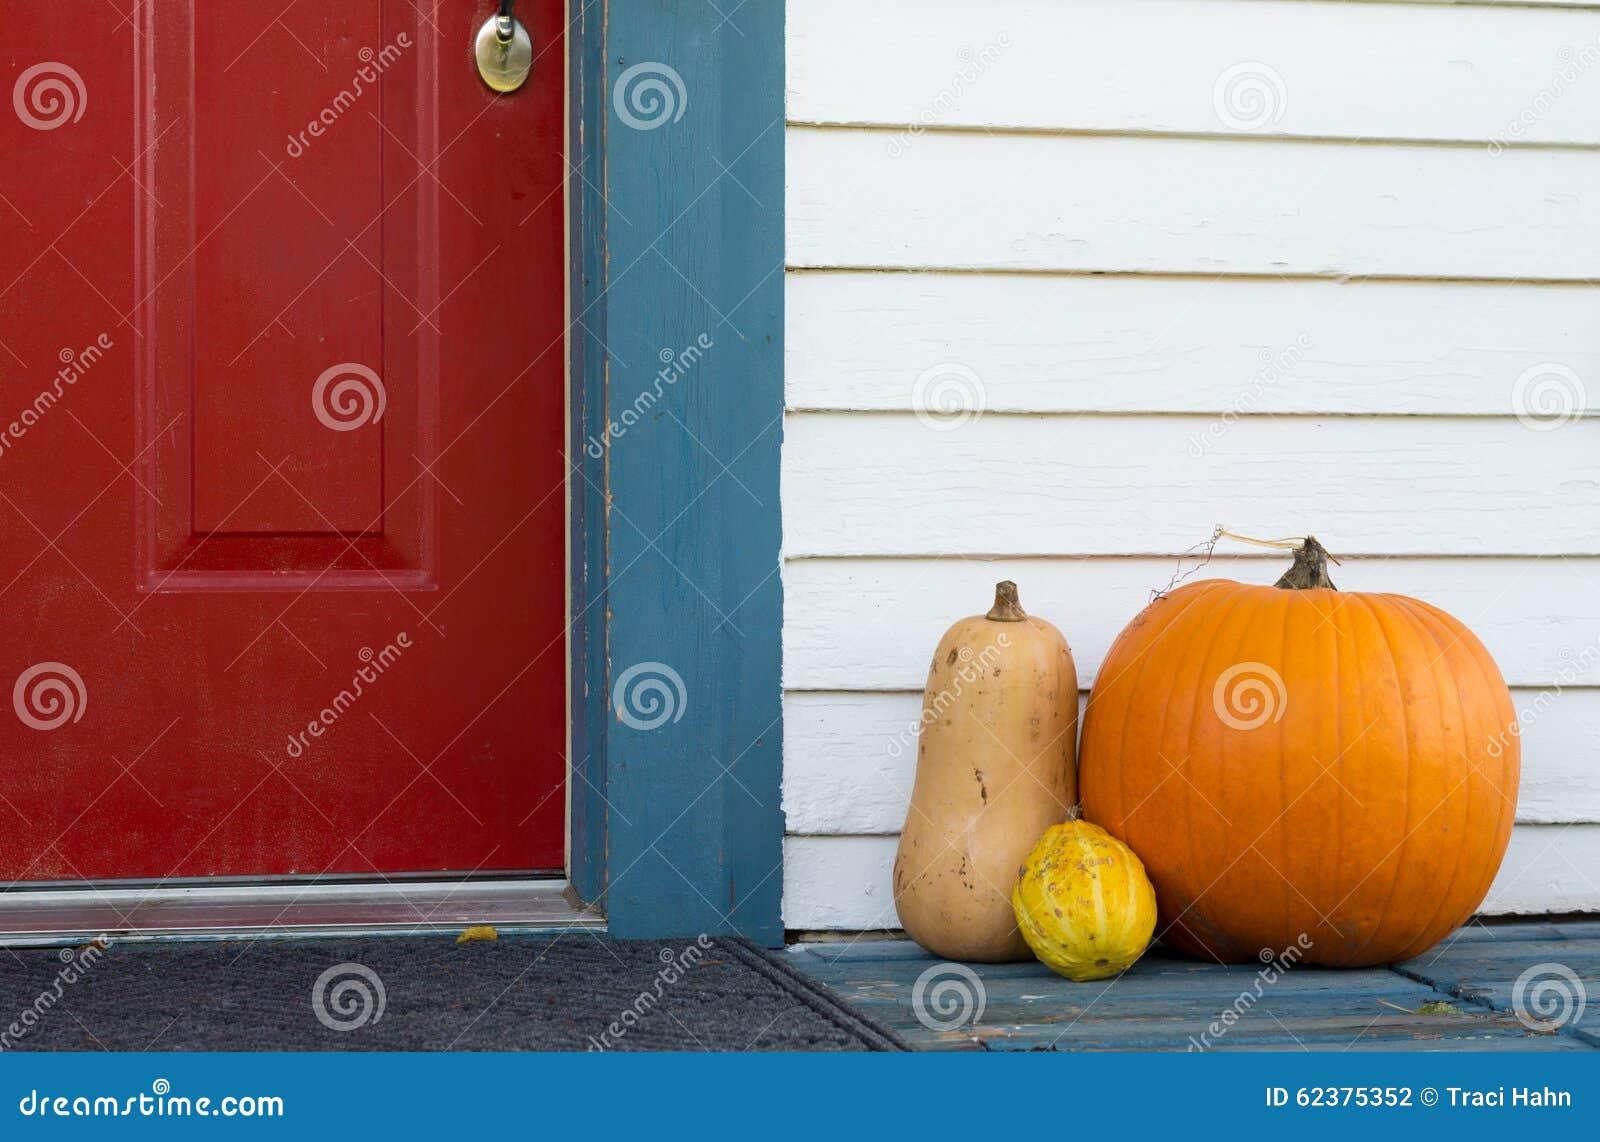 Dekorativer Kürbis und Kürbisse auf der Eingangsterrasse eines Hauses